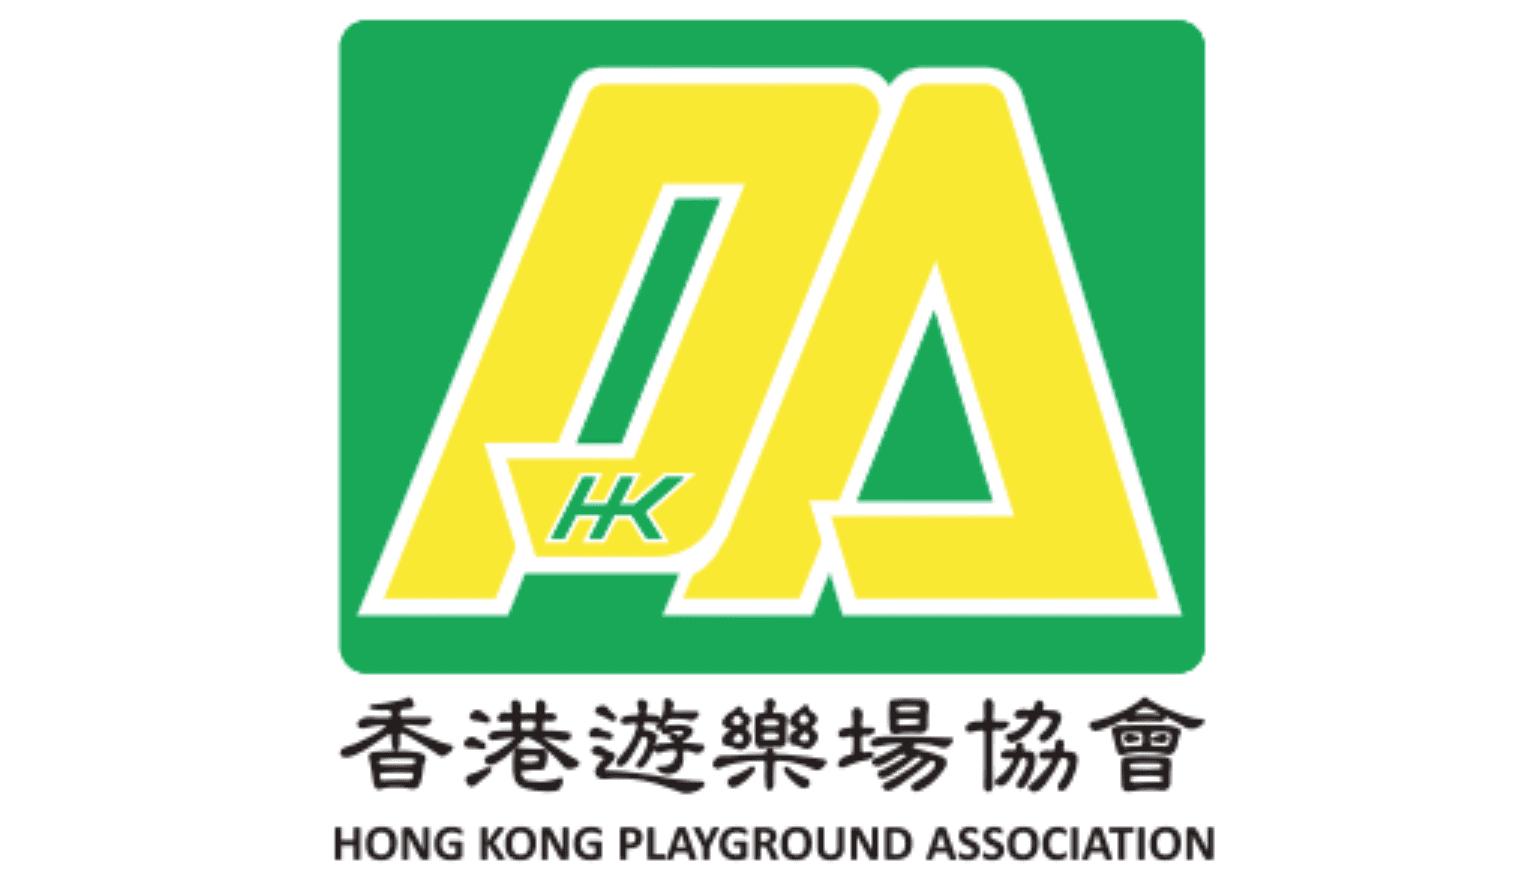 HKPA logo